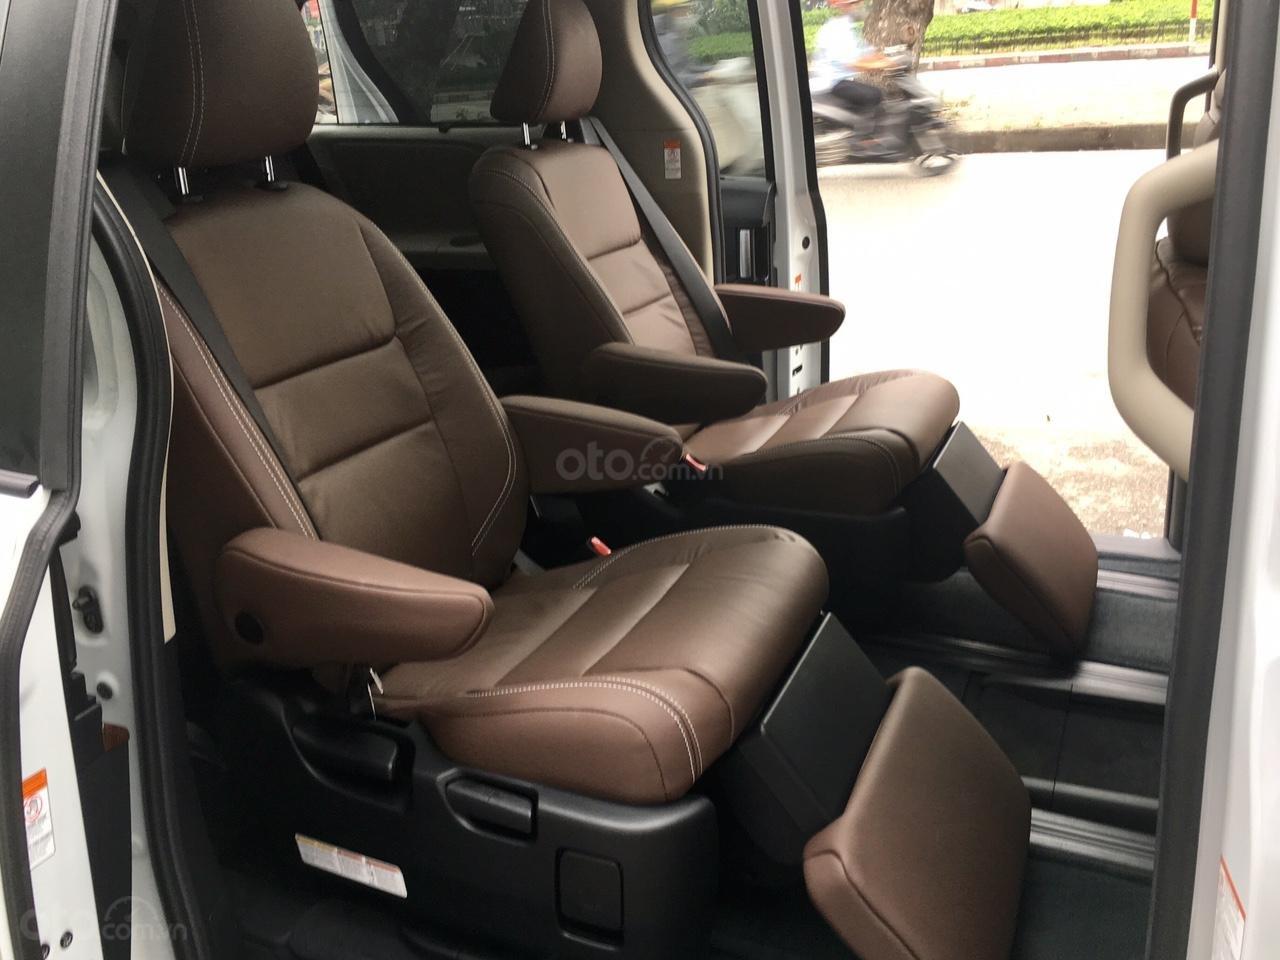 Bán Toyota Sienna Limited 2020 bản 1 cầu, giá tốt, nhập Mỹ giao ngay toàn quốc- LH 0945.39.2468 Ms Hương (8)